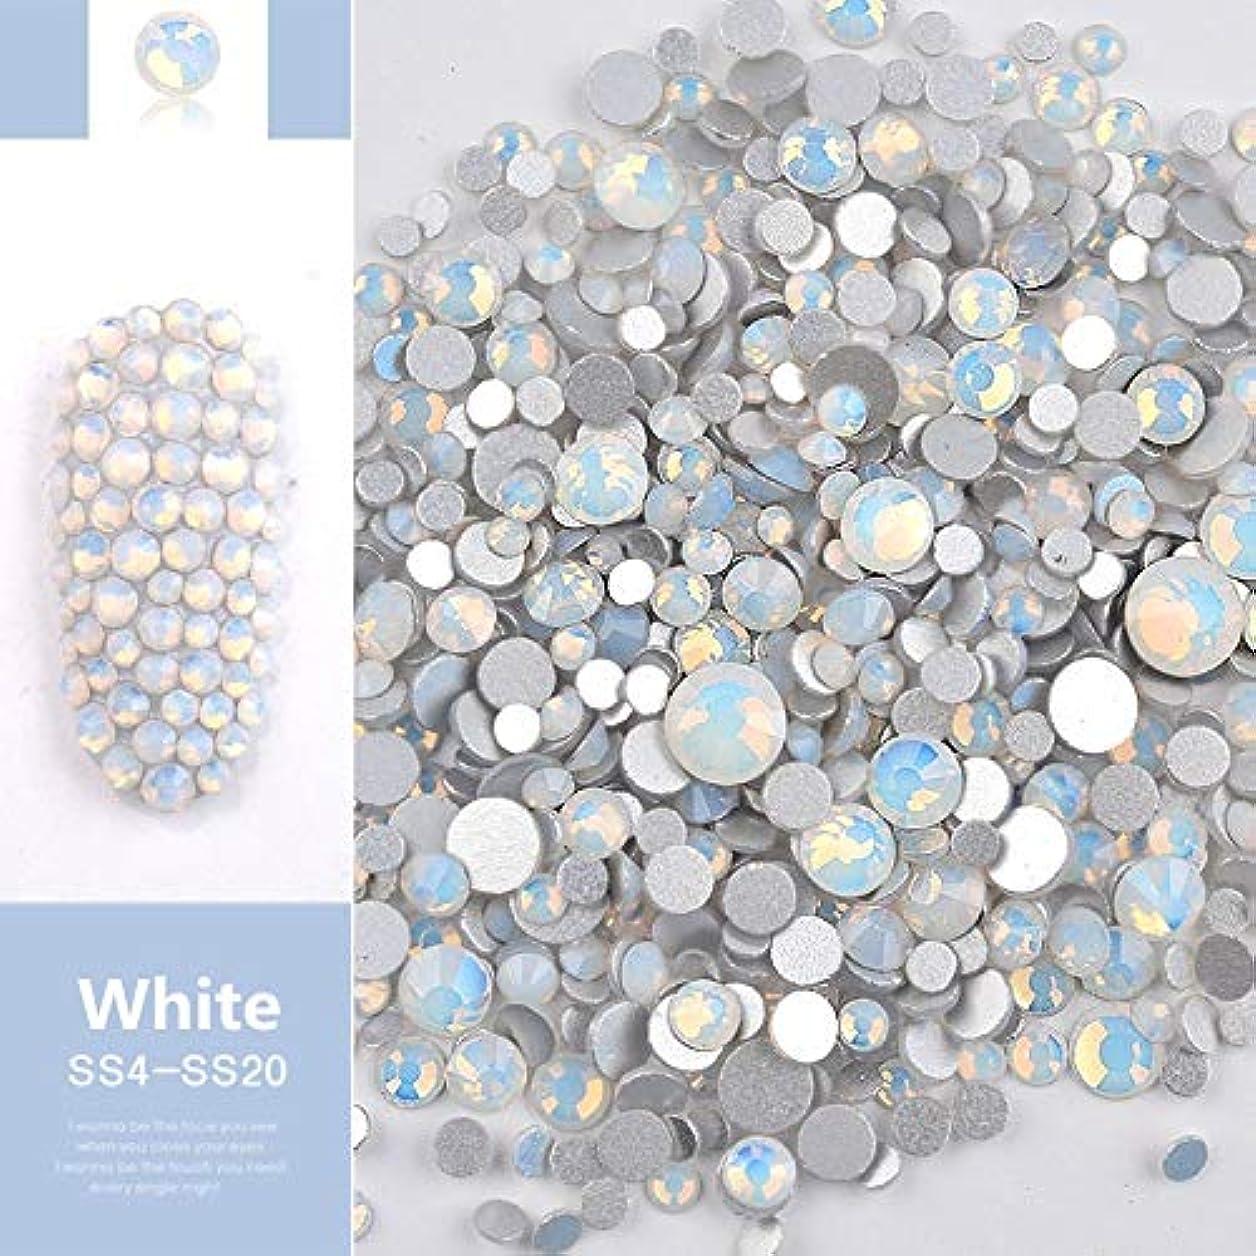 美容師バウンド販売計画Tianmey ビーズ樹脂クリスタルラウンドネイルアートミックスフラットバックアクリルラインストーンミックスサイズ1.5-4.5 mm装飾用ネイル (Color : White)